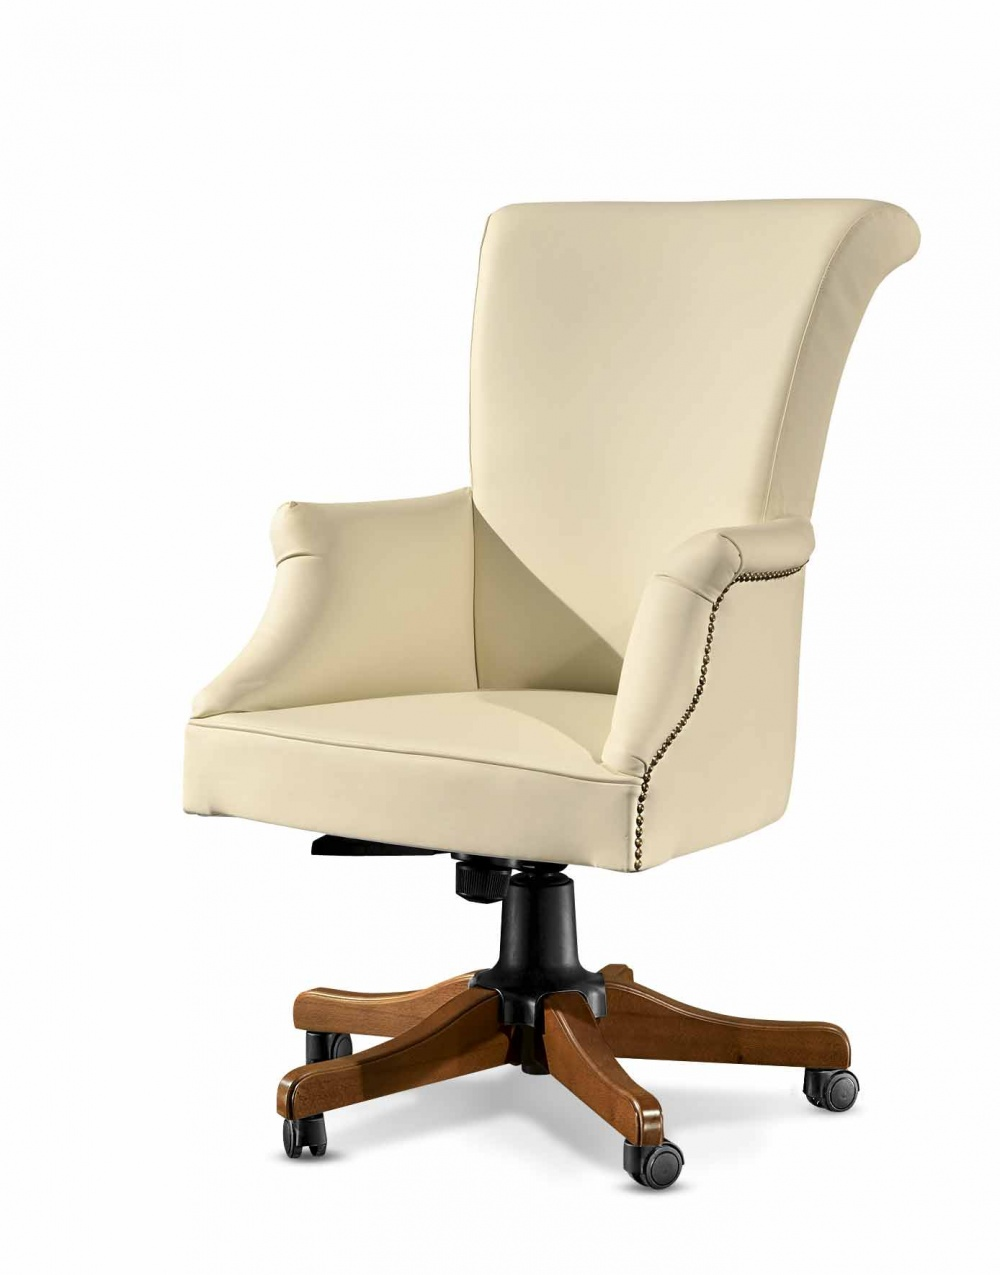 Poltrona girevole da ufficio imbottita interamente in vera pelle, regolabile in altezza e reclinabile - art. 458